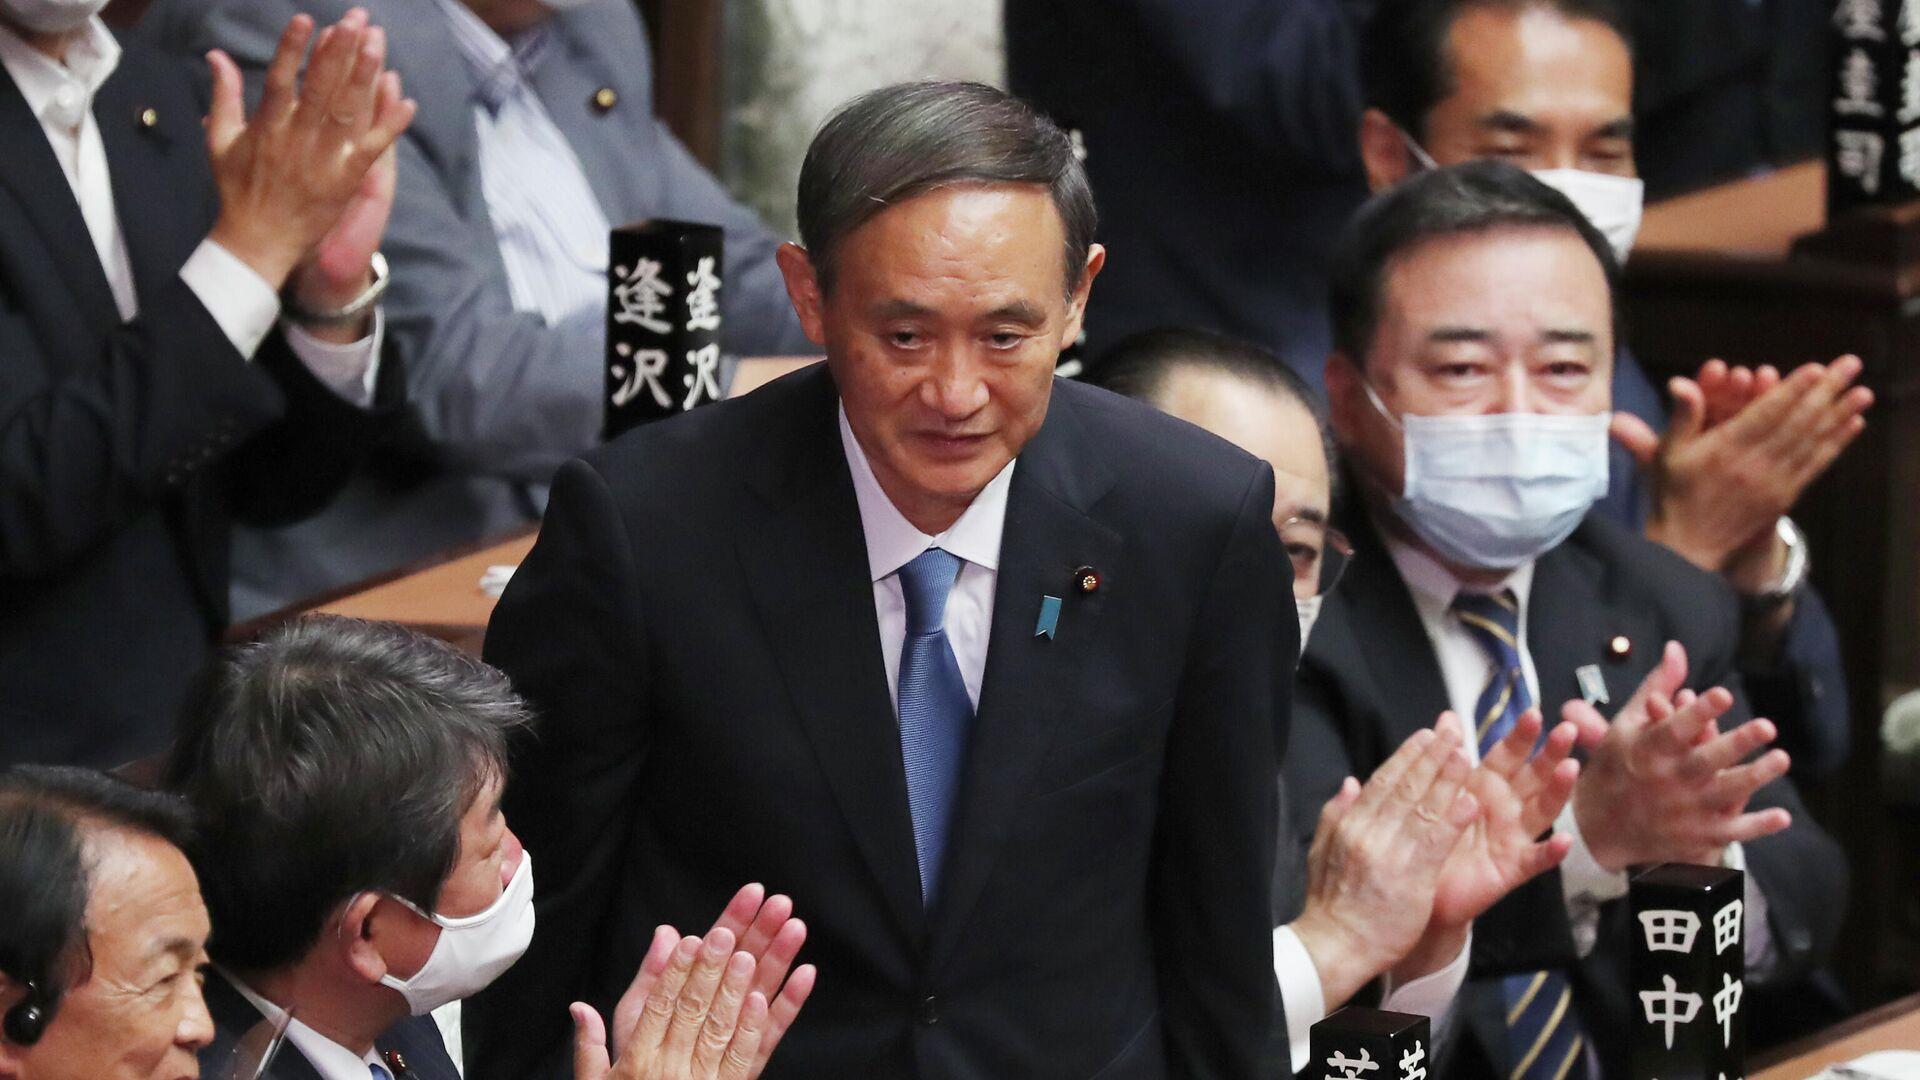 Есихидэ Суга в нижней палате парламента после избрания новым премьер-министром Японии - РИА Новости, 1920, 16.09.2020